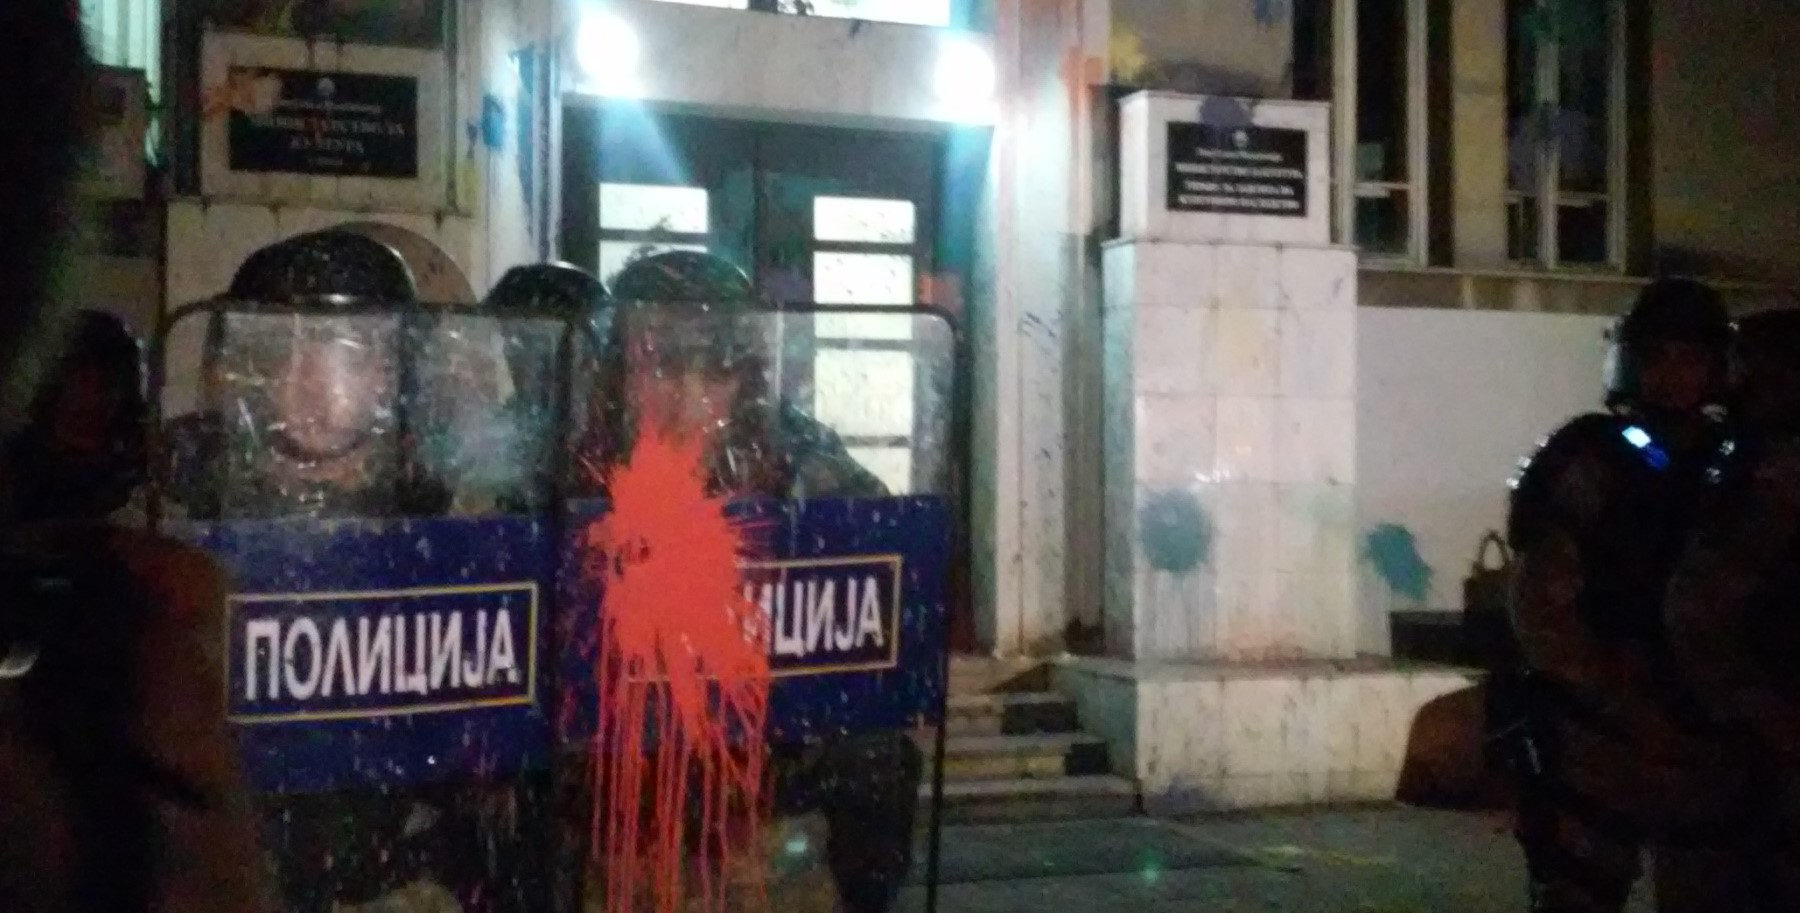 Полицијата ја бранеше зградата на Министерството за култура под канонадата јајца и балони со боја на 18 април - Фото:СДК.МК